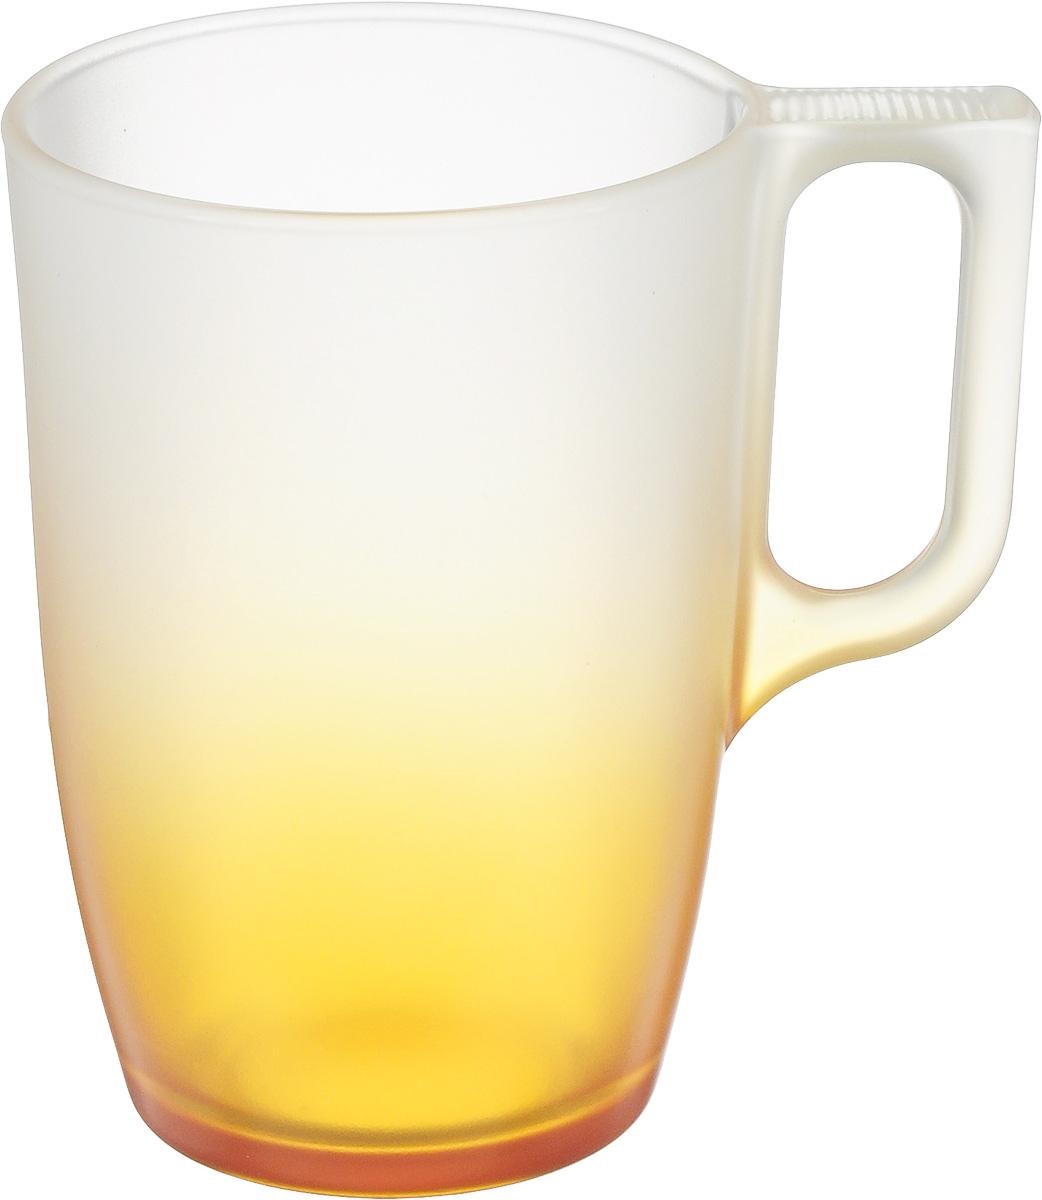 Кружка Luminarc Maritsa Orange, 320 млJ7690Кружка Luminarc Maritsa Orange изготовлена из упрочненного стекла. Такая кружка прекрасно подойдет для горячих и холодных напитков. Она дополнит коллекцию вашей кухонной посуды и будет служить долгие годы. Можно использовать в микроволновой печи и мыть в посудомоечной машине. Диаметр кружки (по верхнему краю): 7,7 см. Высота стенки кружки: 11,2 см. Бренд Luminarc - это один из лидеров мирового рынка по производству посуды и товаров для дома. В основе процесса изготовления лежит высококачественное сырье, а также строгий контроль качества.